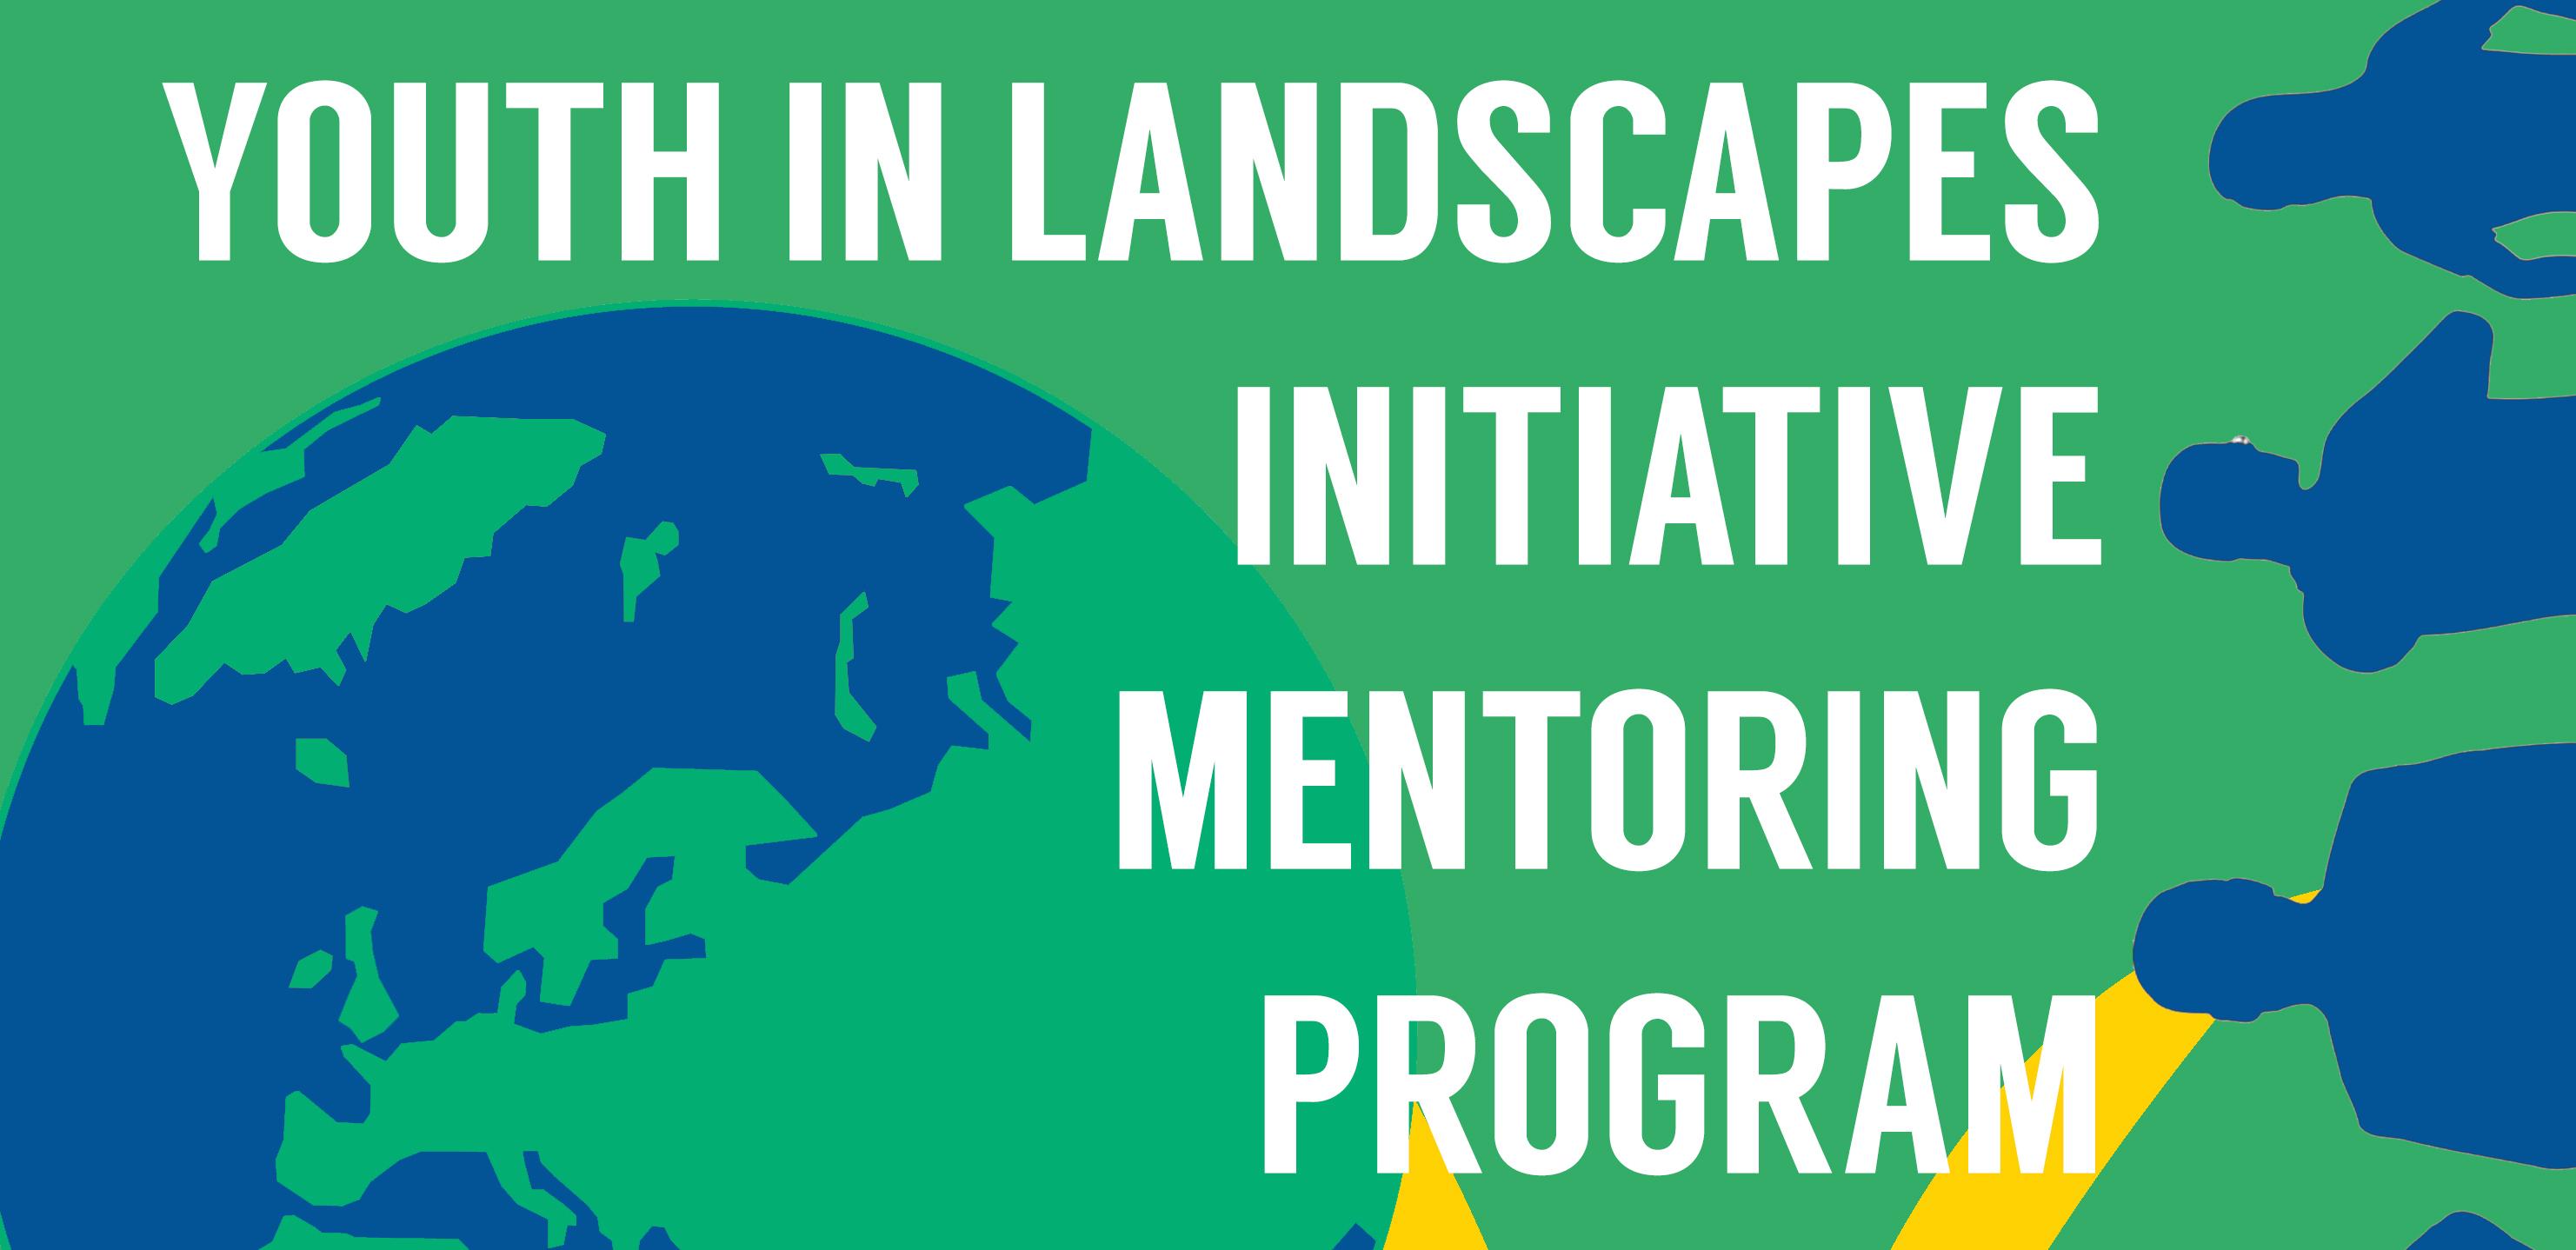 mentoring program header